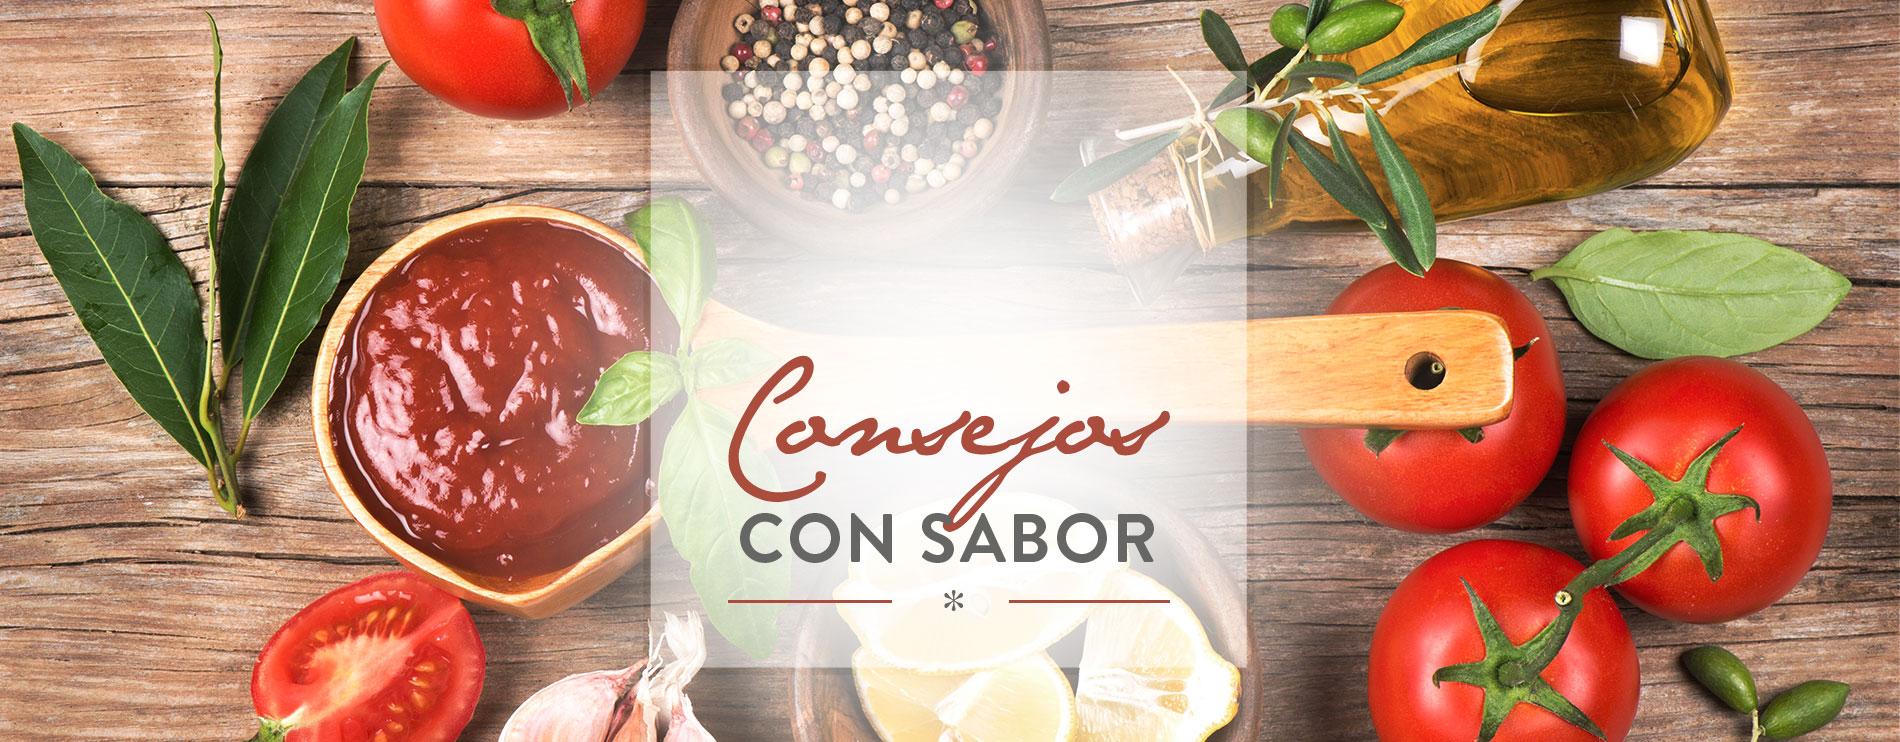 Food_Consejos_ES_bnr_top